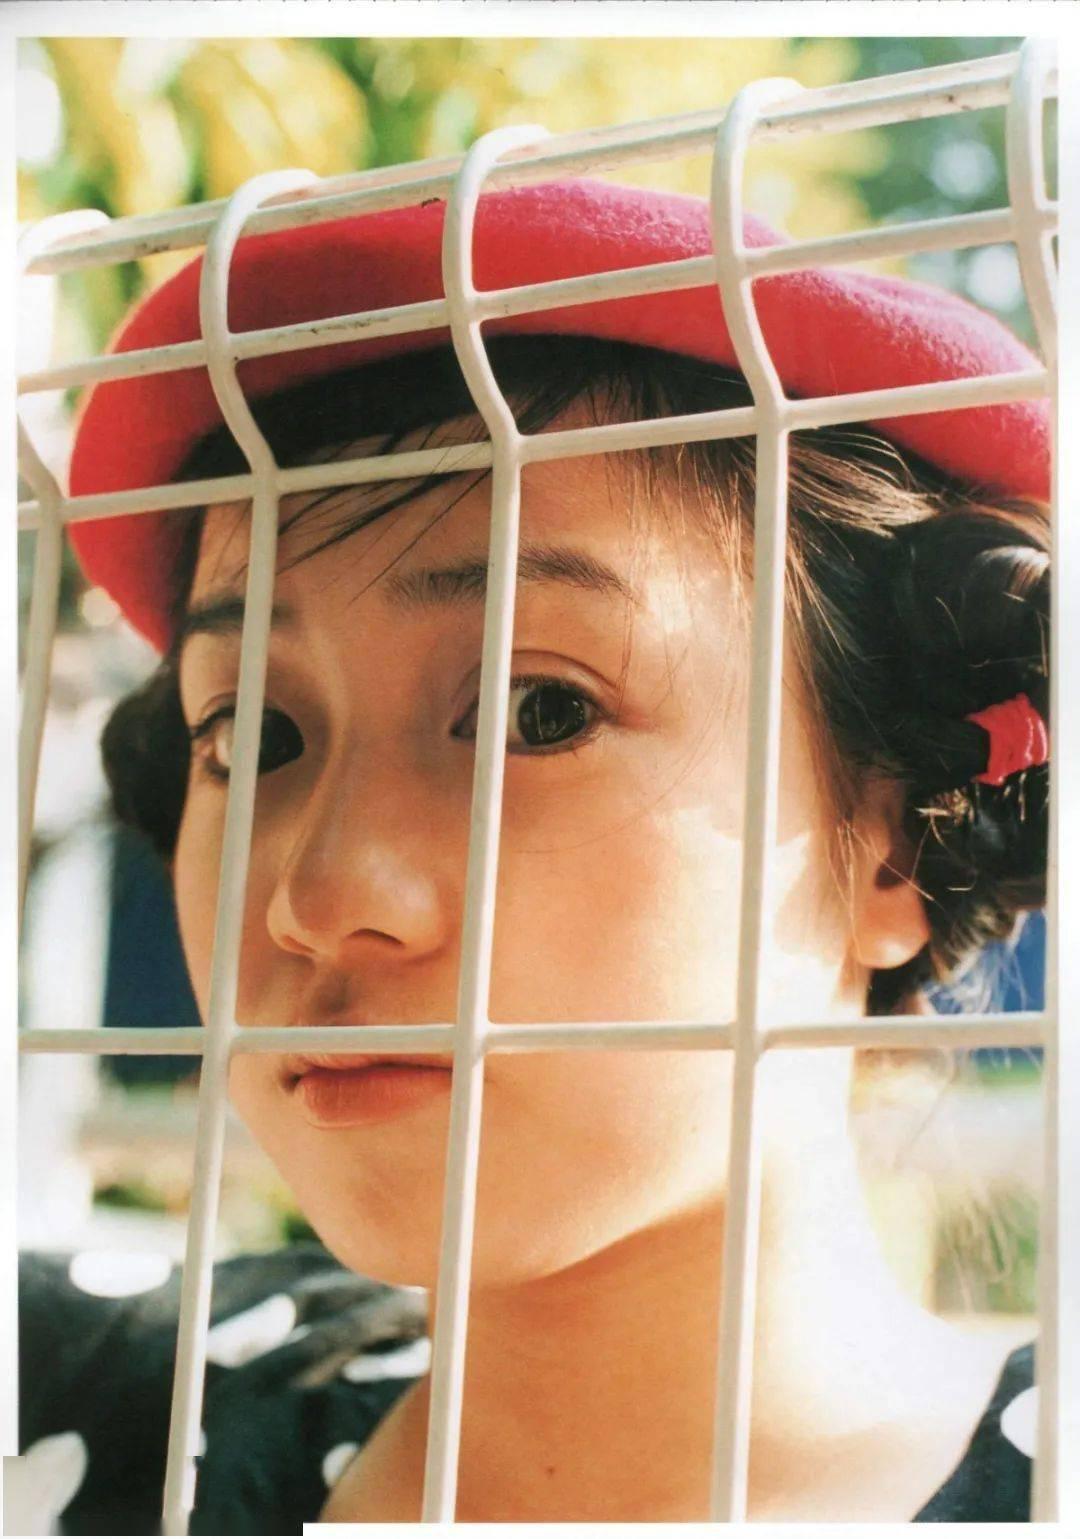 仲麻琴的17岁纪念写真RUN RUN まこと」